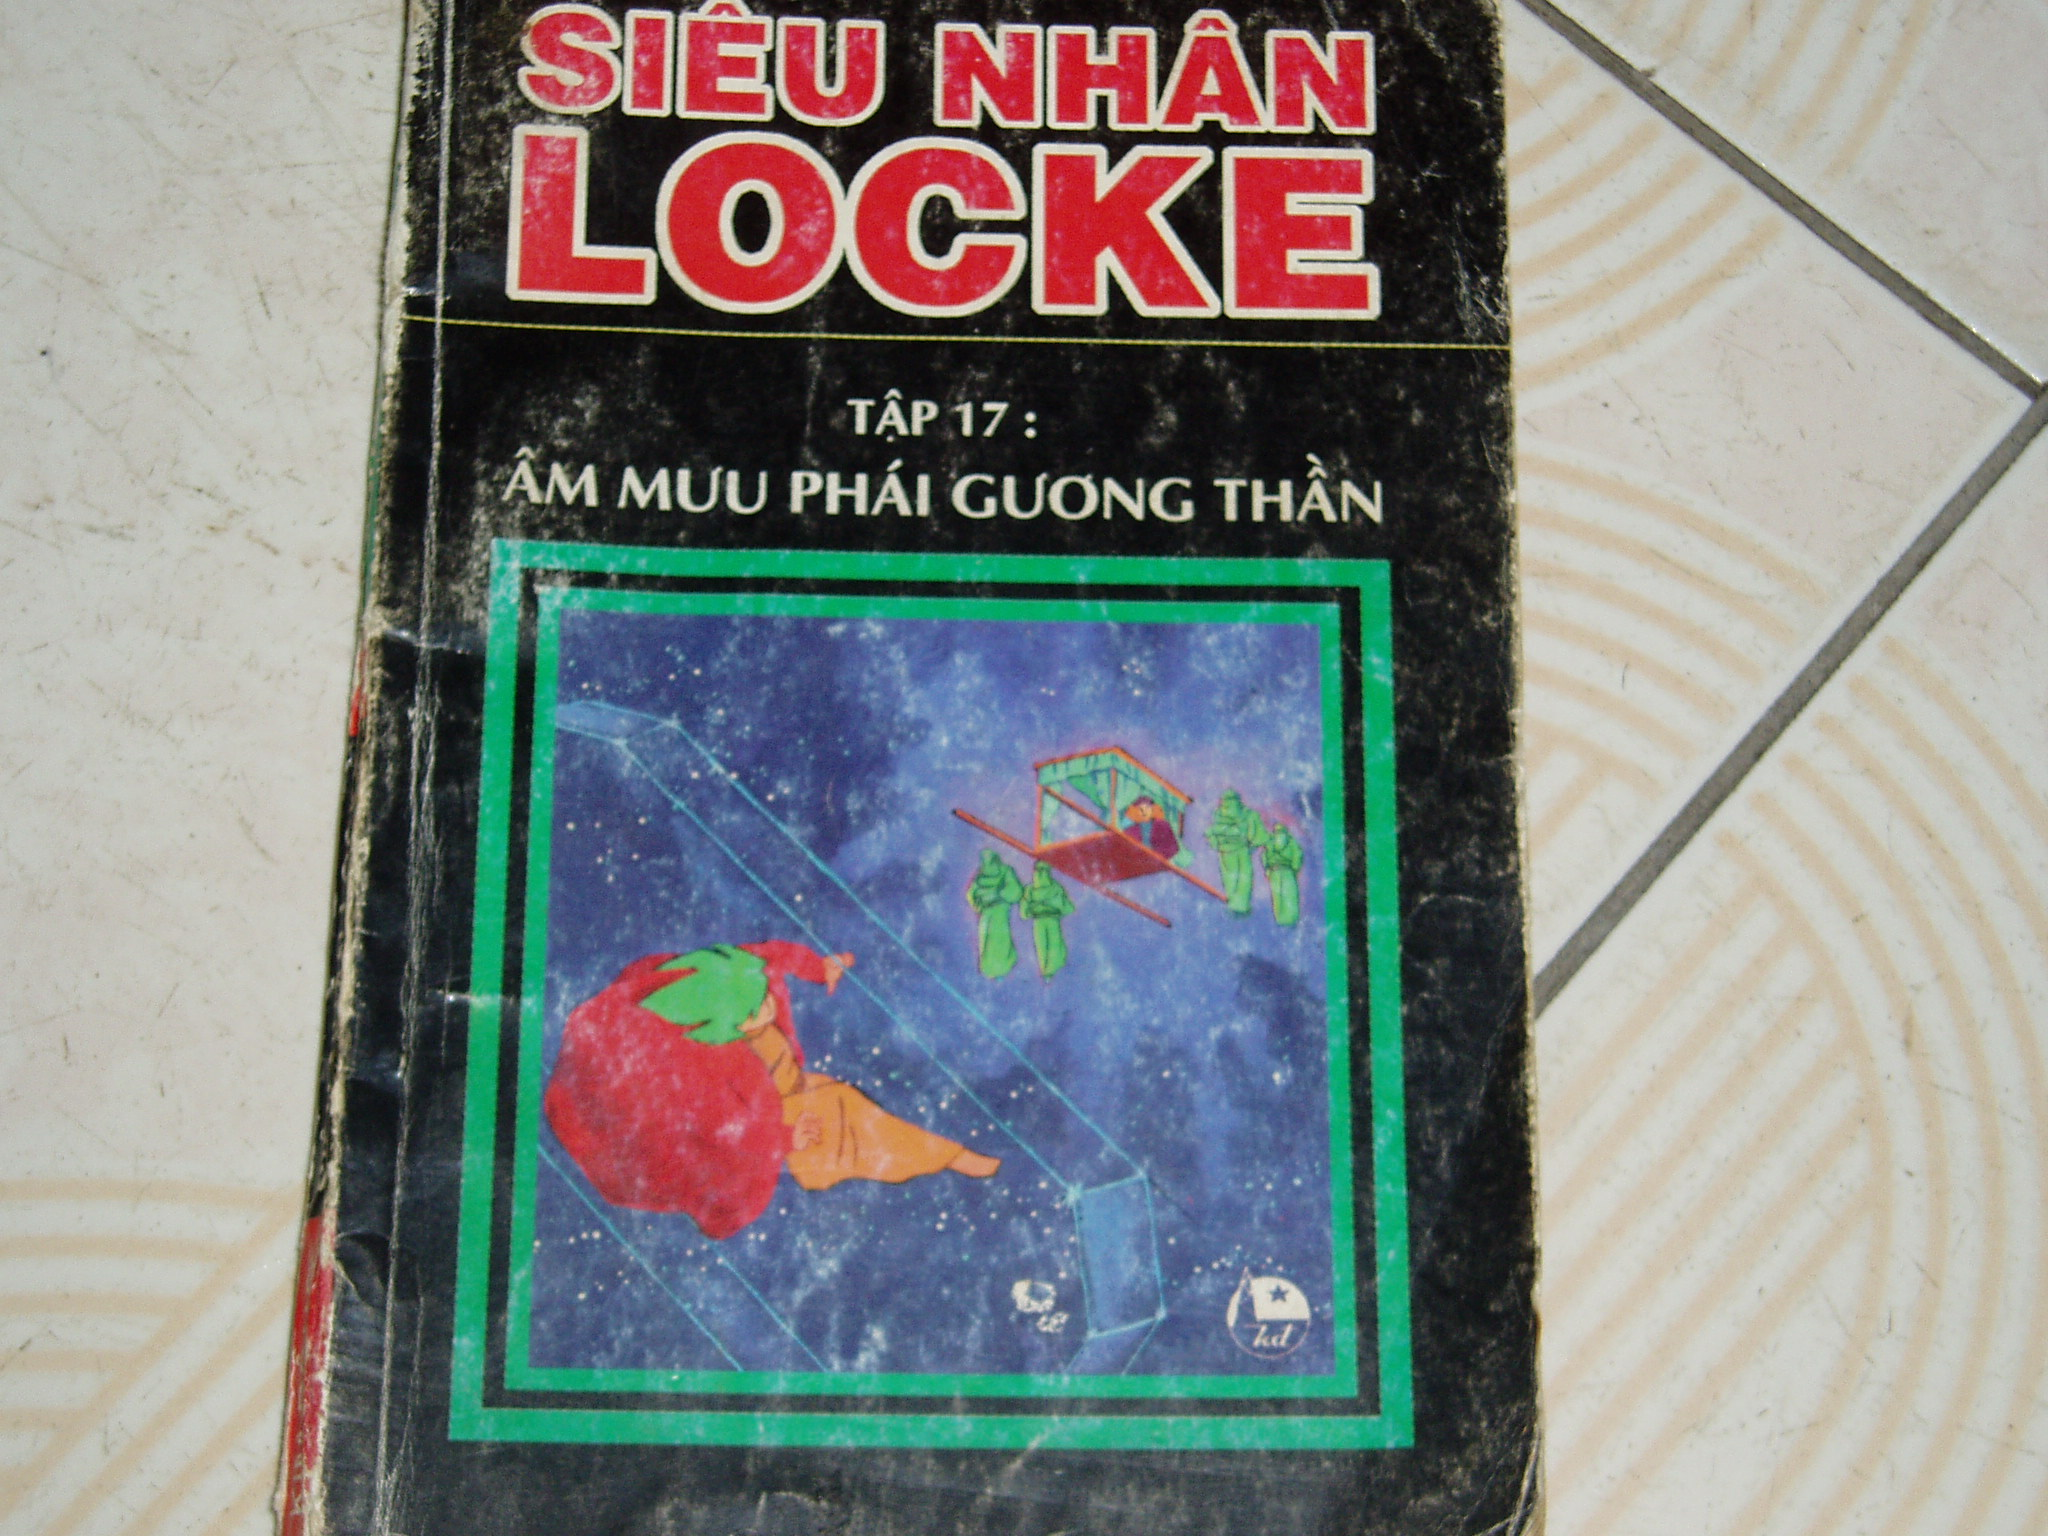 Siêu nhân Locke vol 17 trang 1